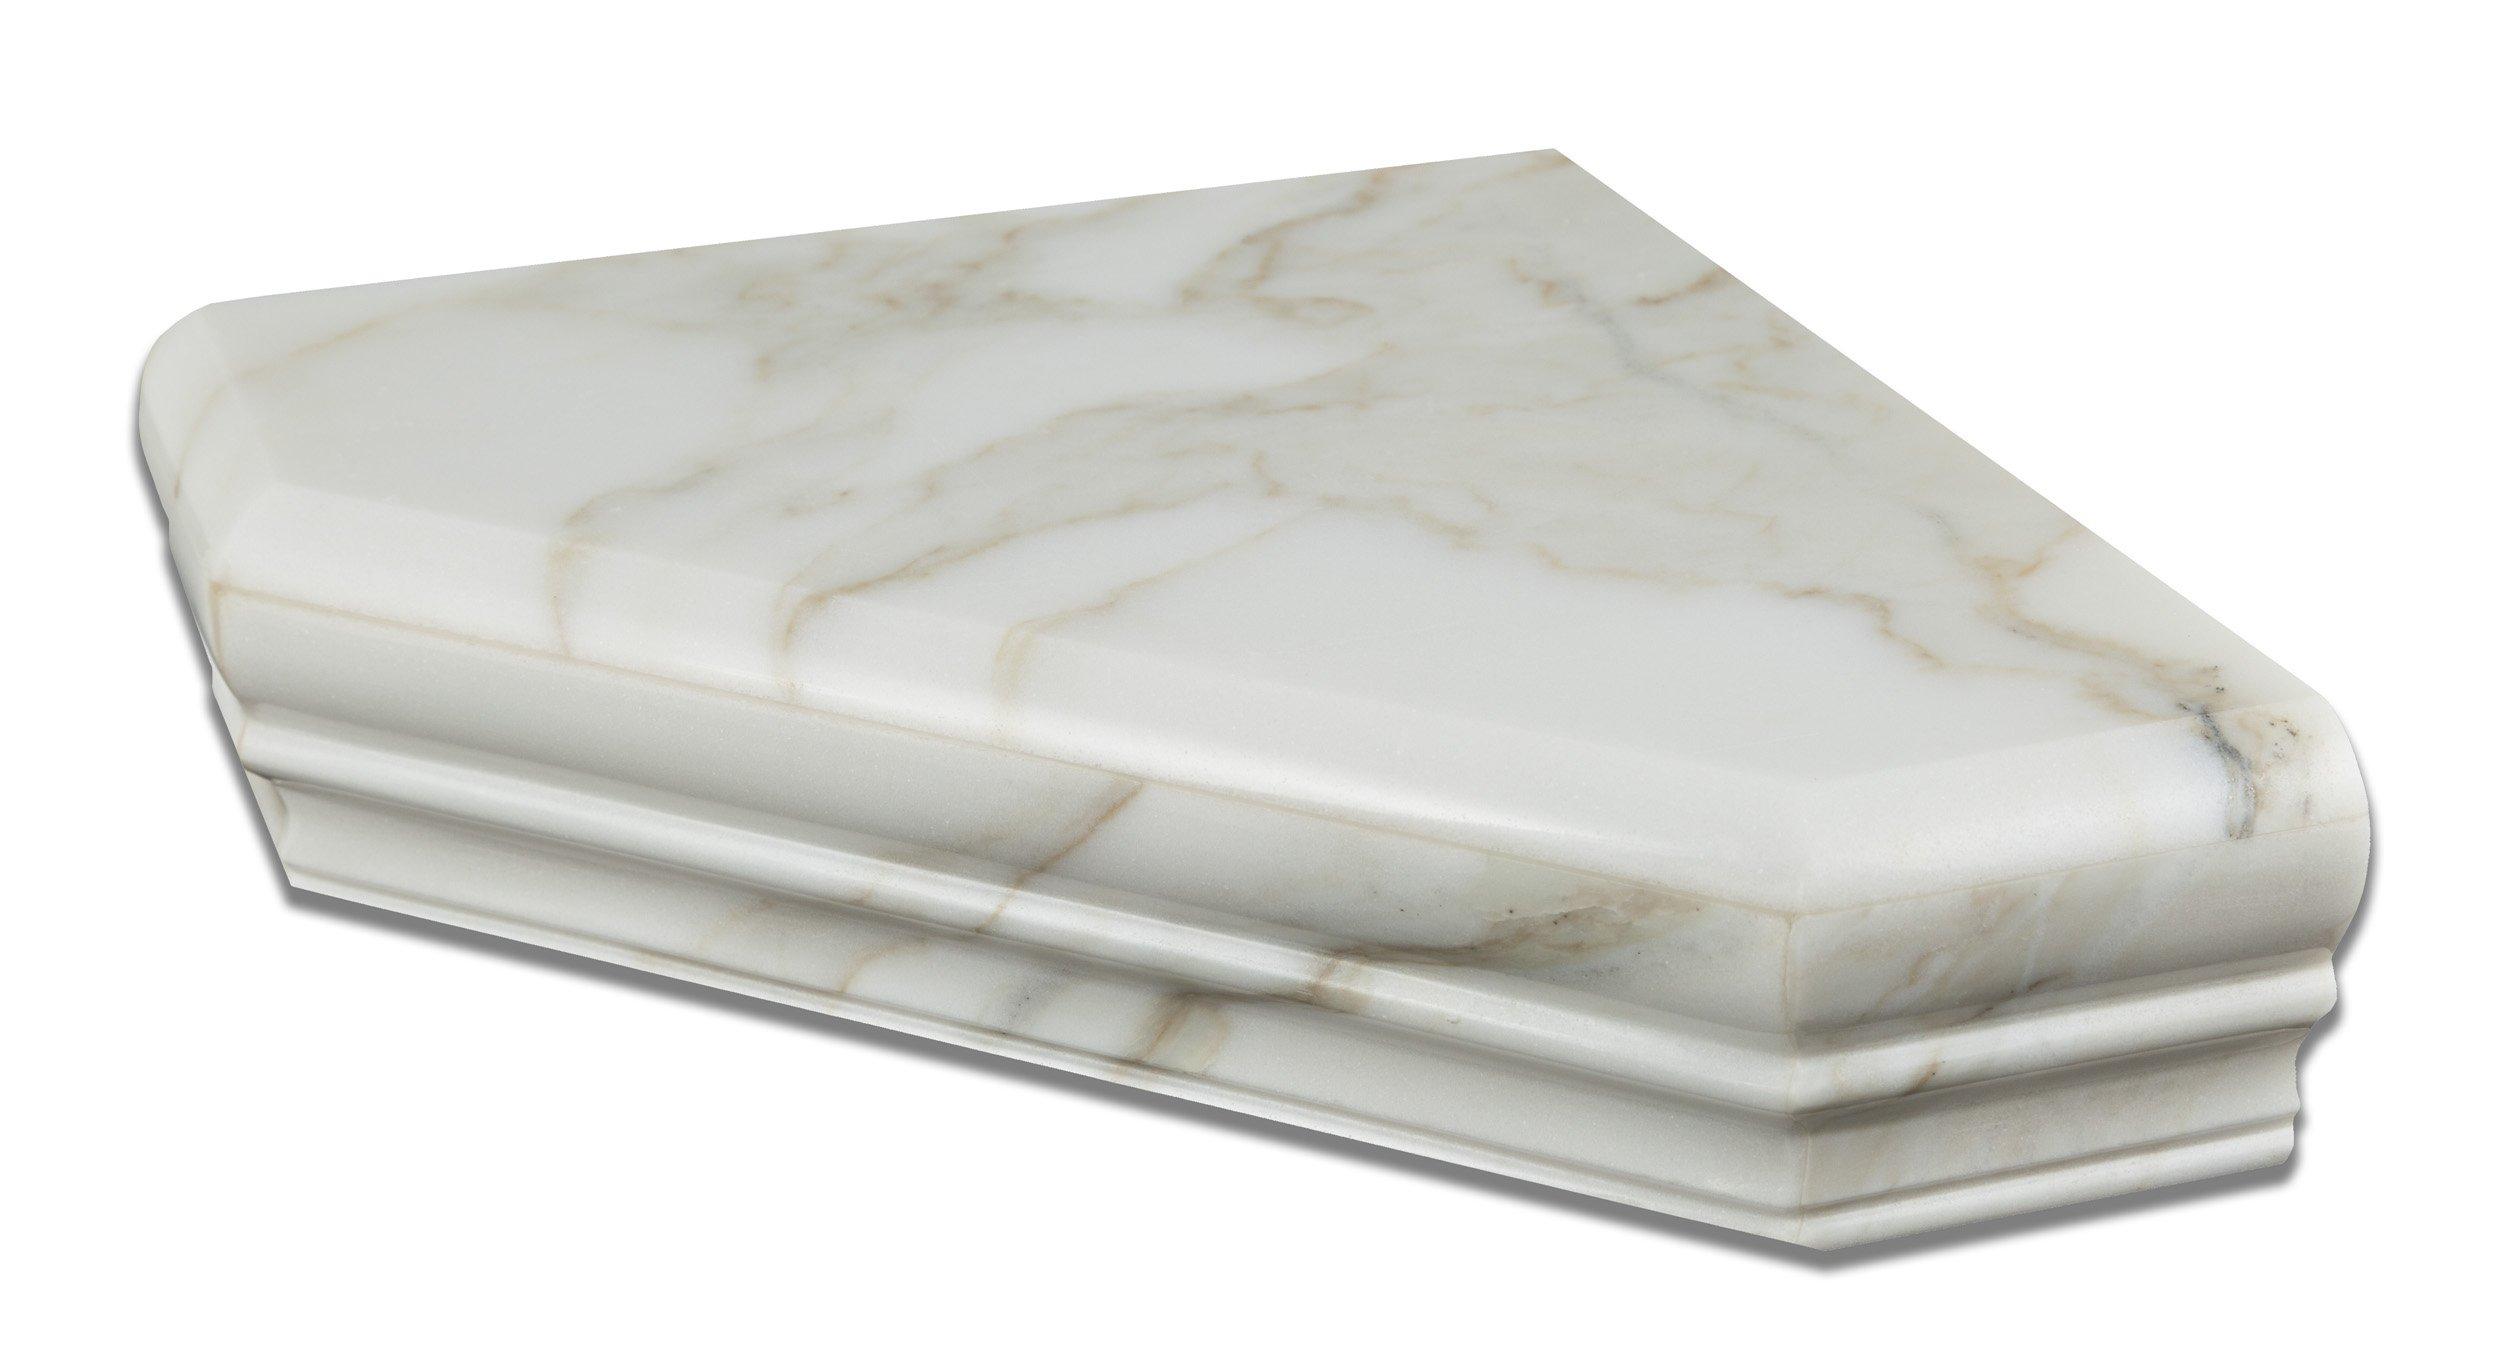 Calacatta Gold (Italian Calcutta) Marble Hand-Made Custom Shower Corner Shelf, Polished